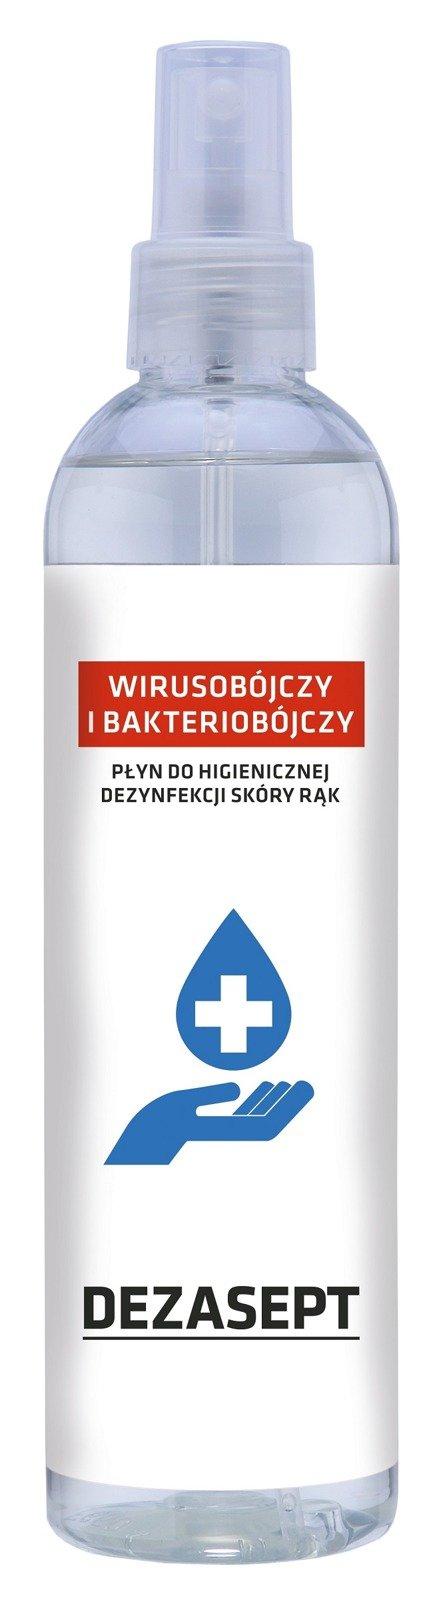 DEZASEPT <br /> płyn do higienicznej dezynfekcji rąk